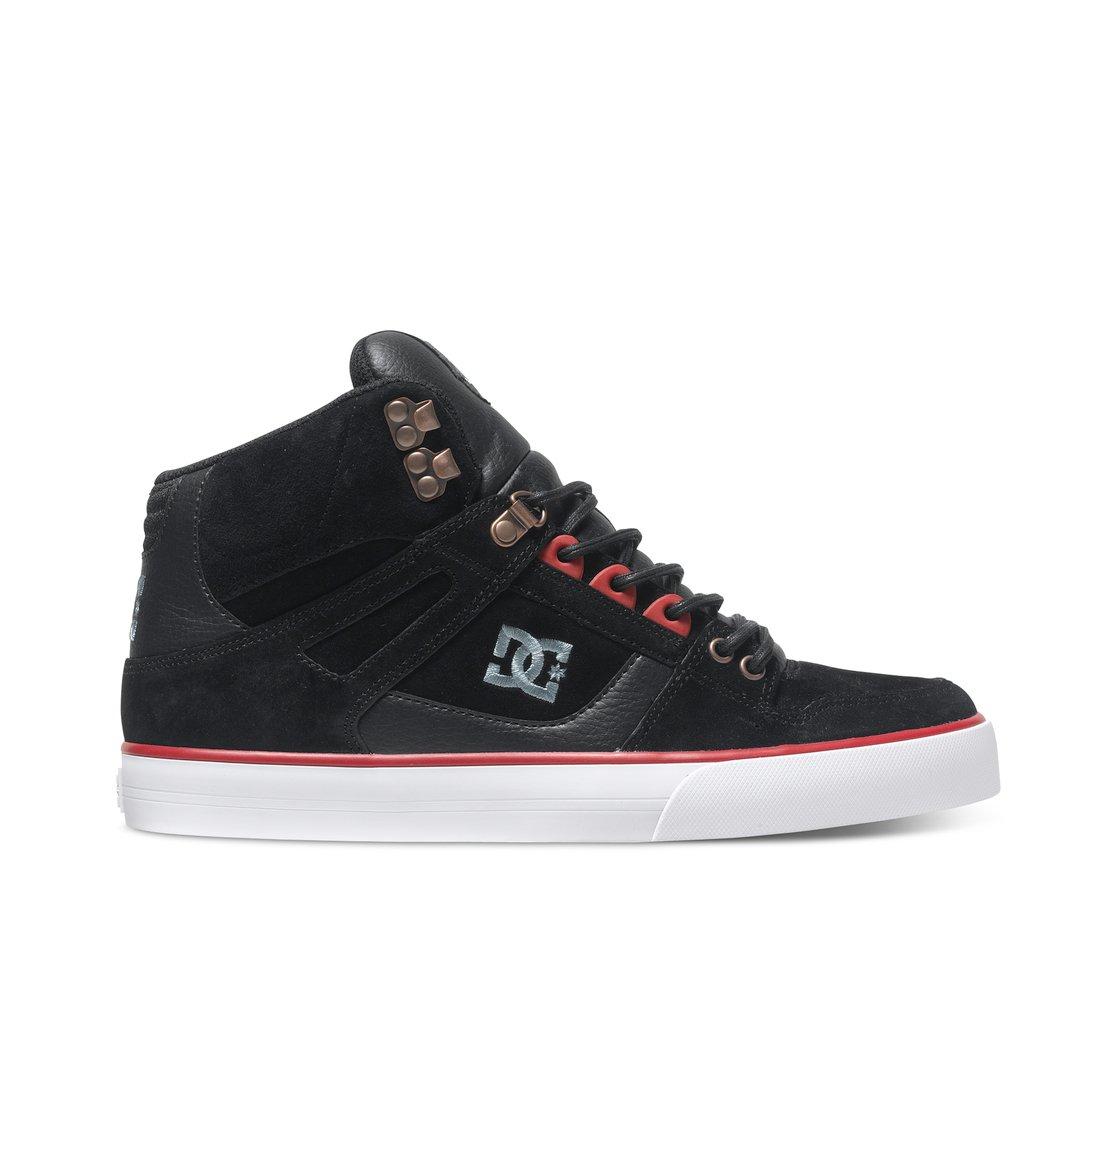 half off c1d24 86758 Men's Spartan WC WR High-Top Shoes ADYS400006 | DC Shoes